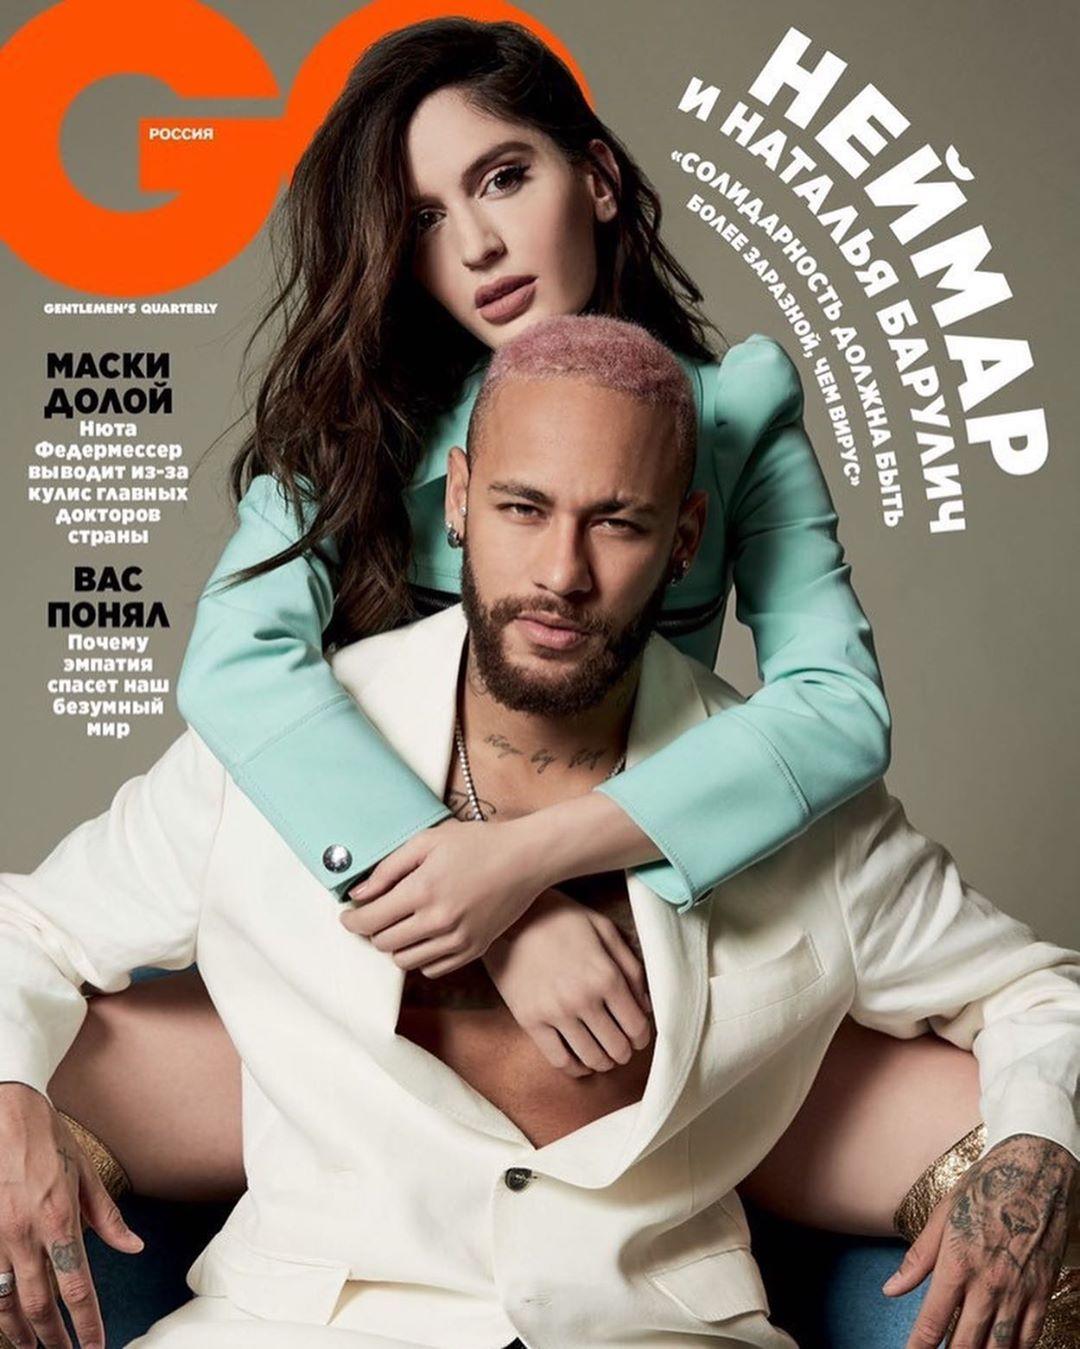 Neymar sous le charme d'une jolie candidate de télé-réalité ? Ce geste qui en dit long !